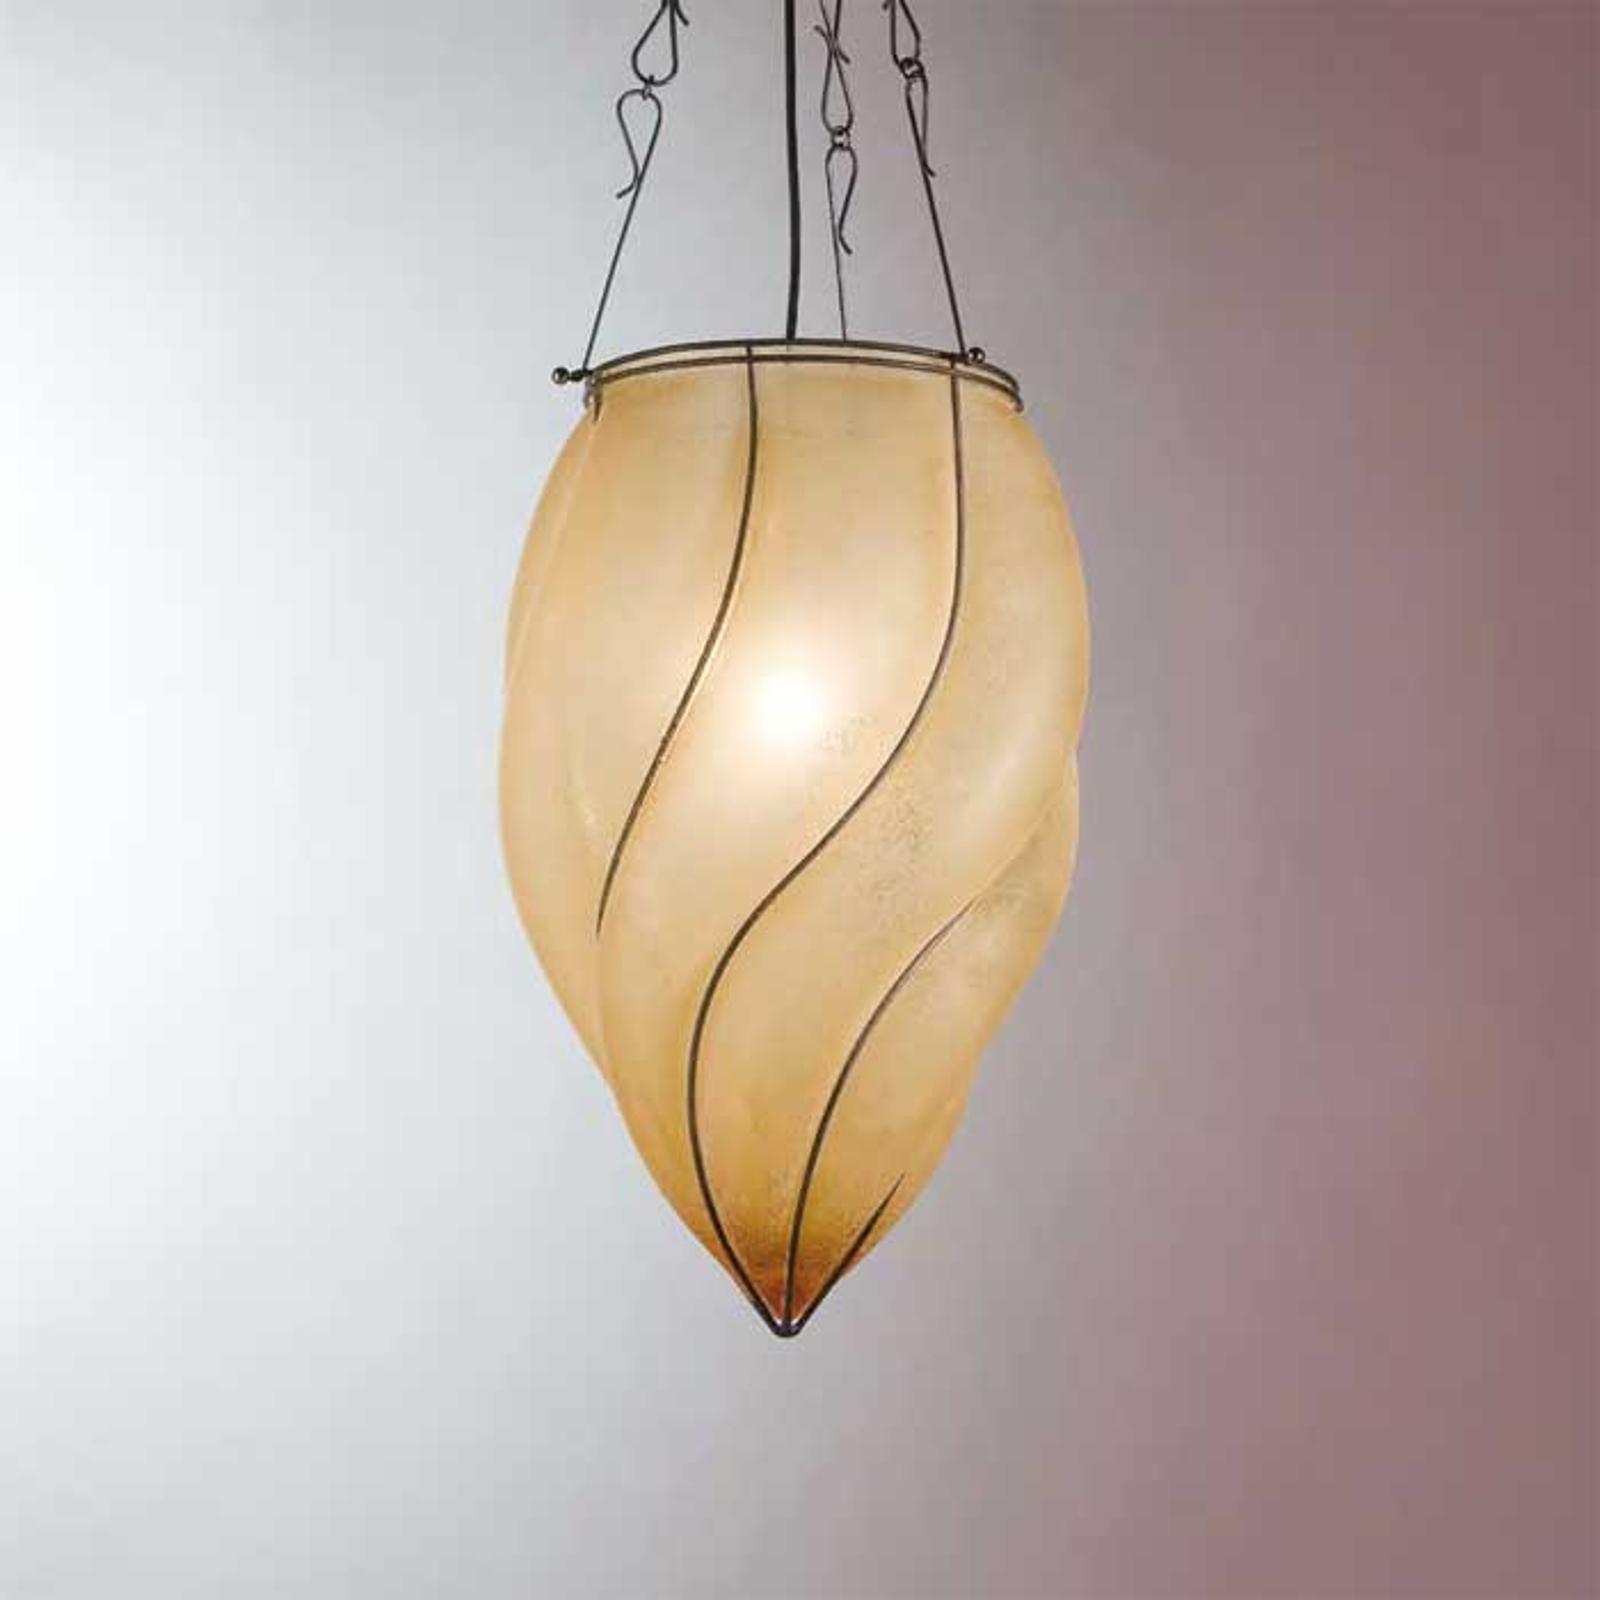 Závěsné světlo Pozzo, 26 cm